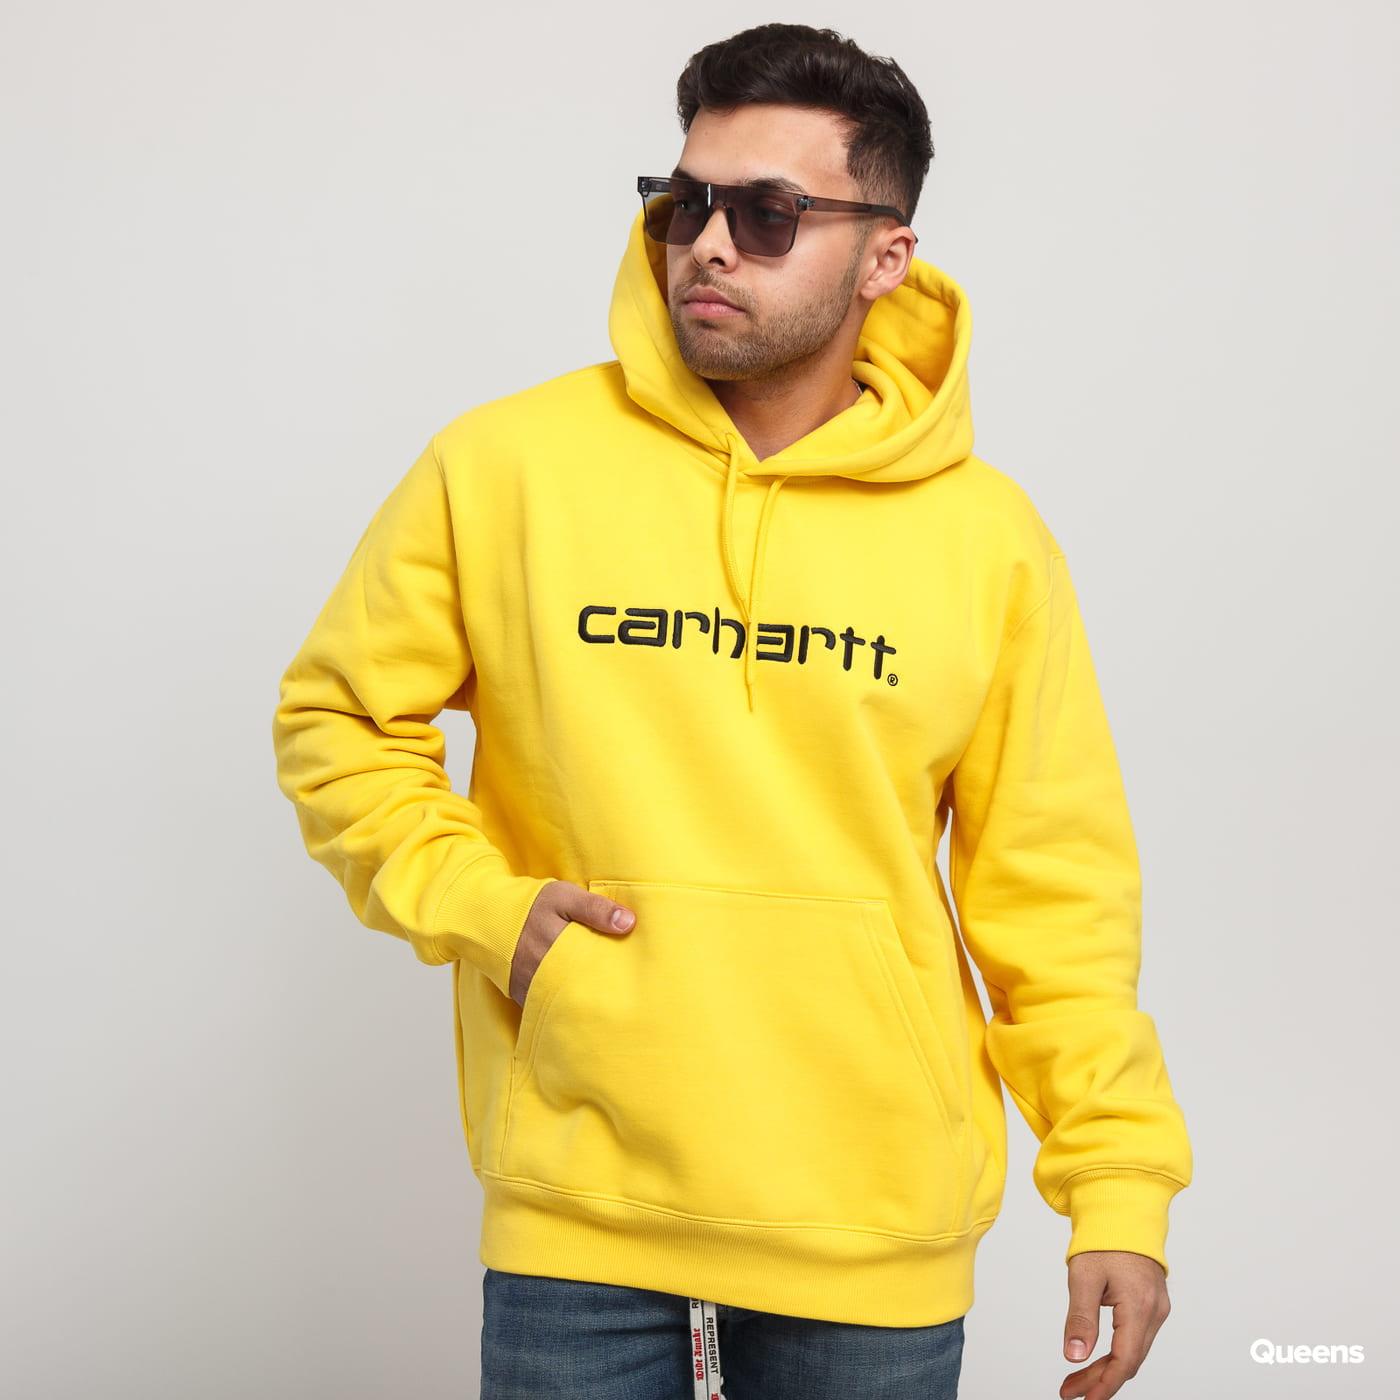 Carhartt WIP Hooded Carhartt Sweat 6lut8